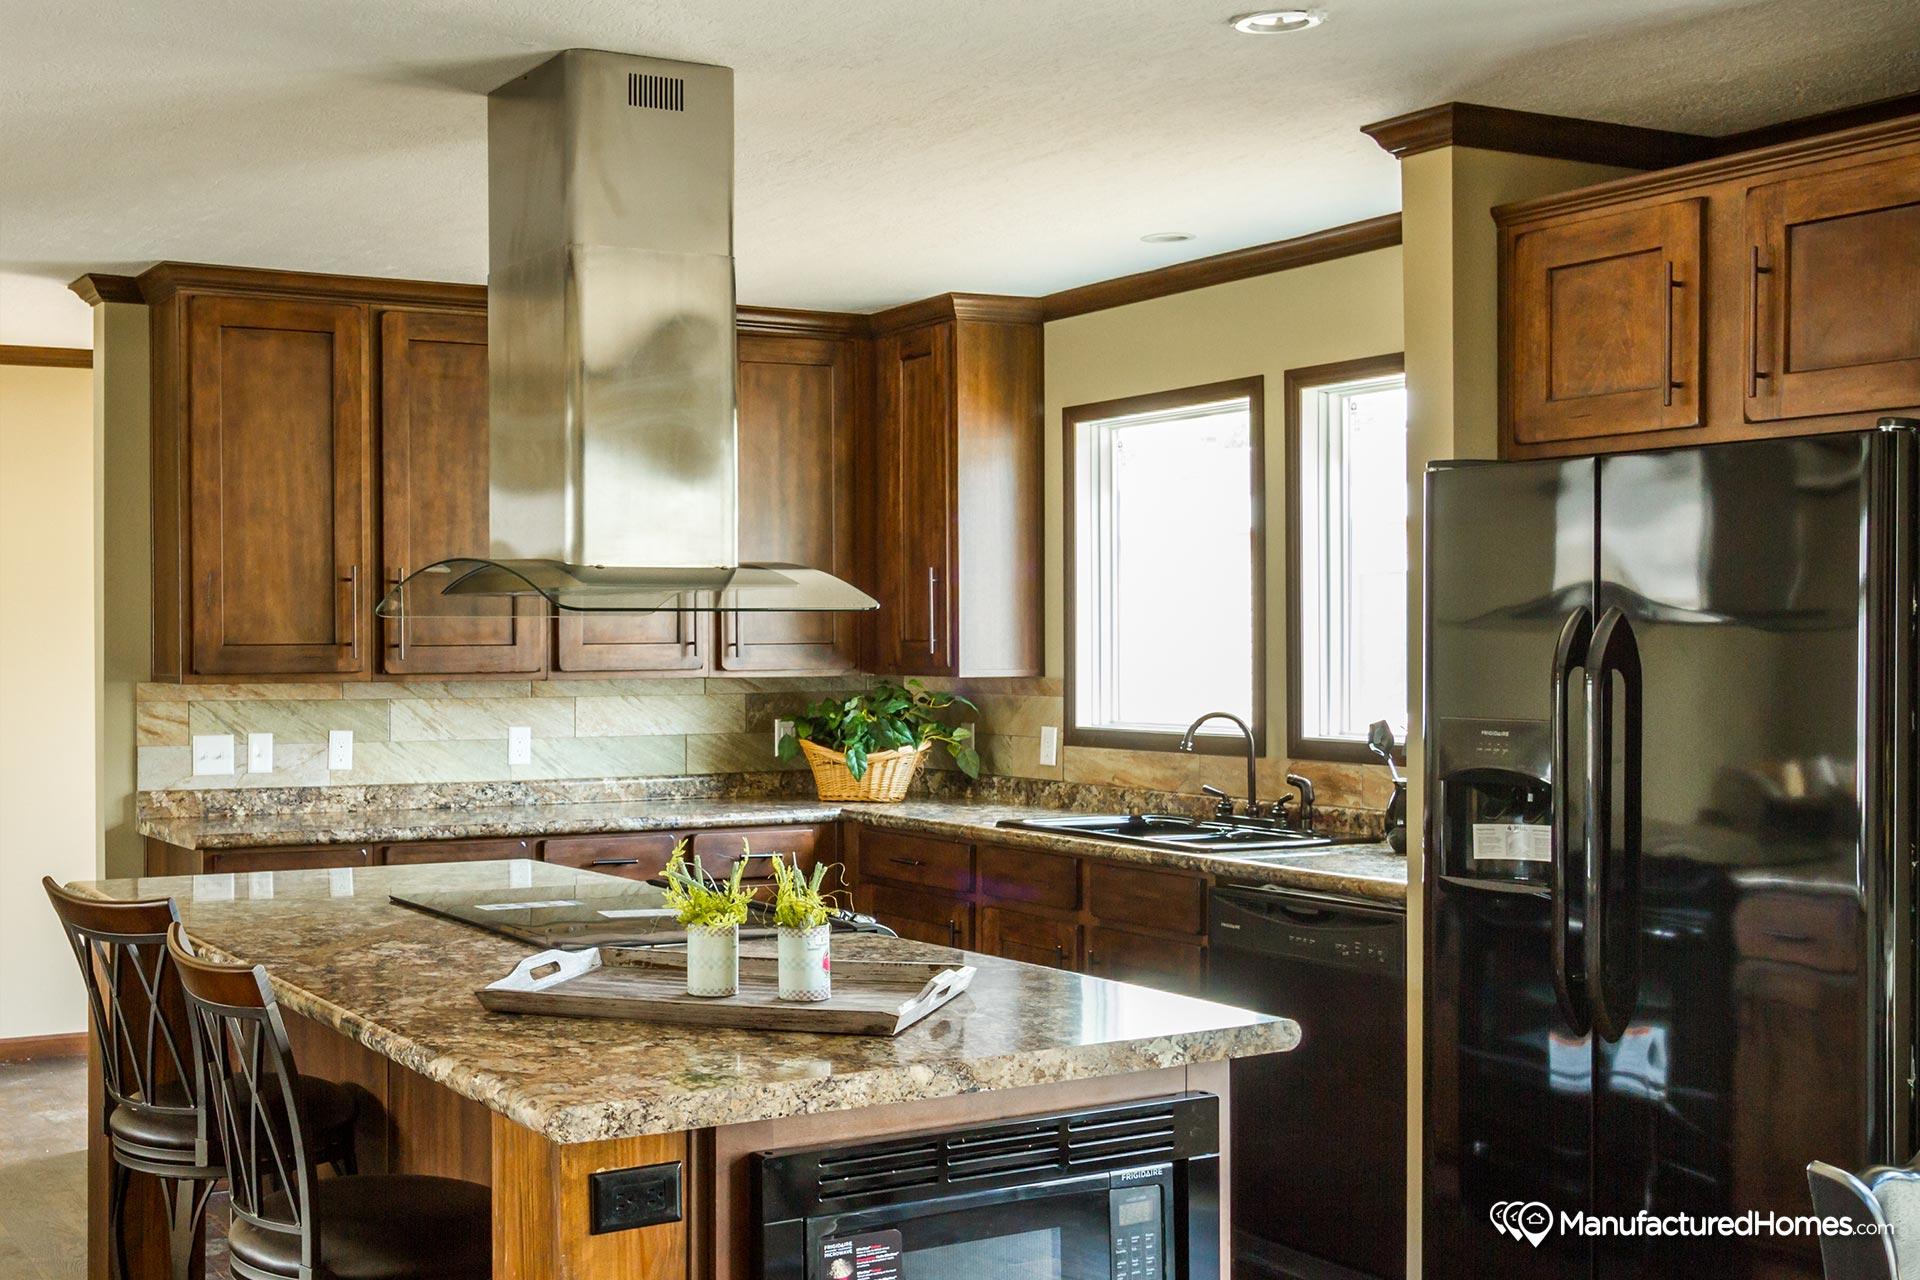 El Dorado Homes in El Dorado, AR - Manufactured Home Dealer